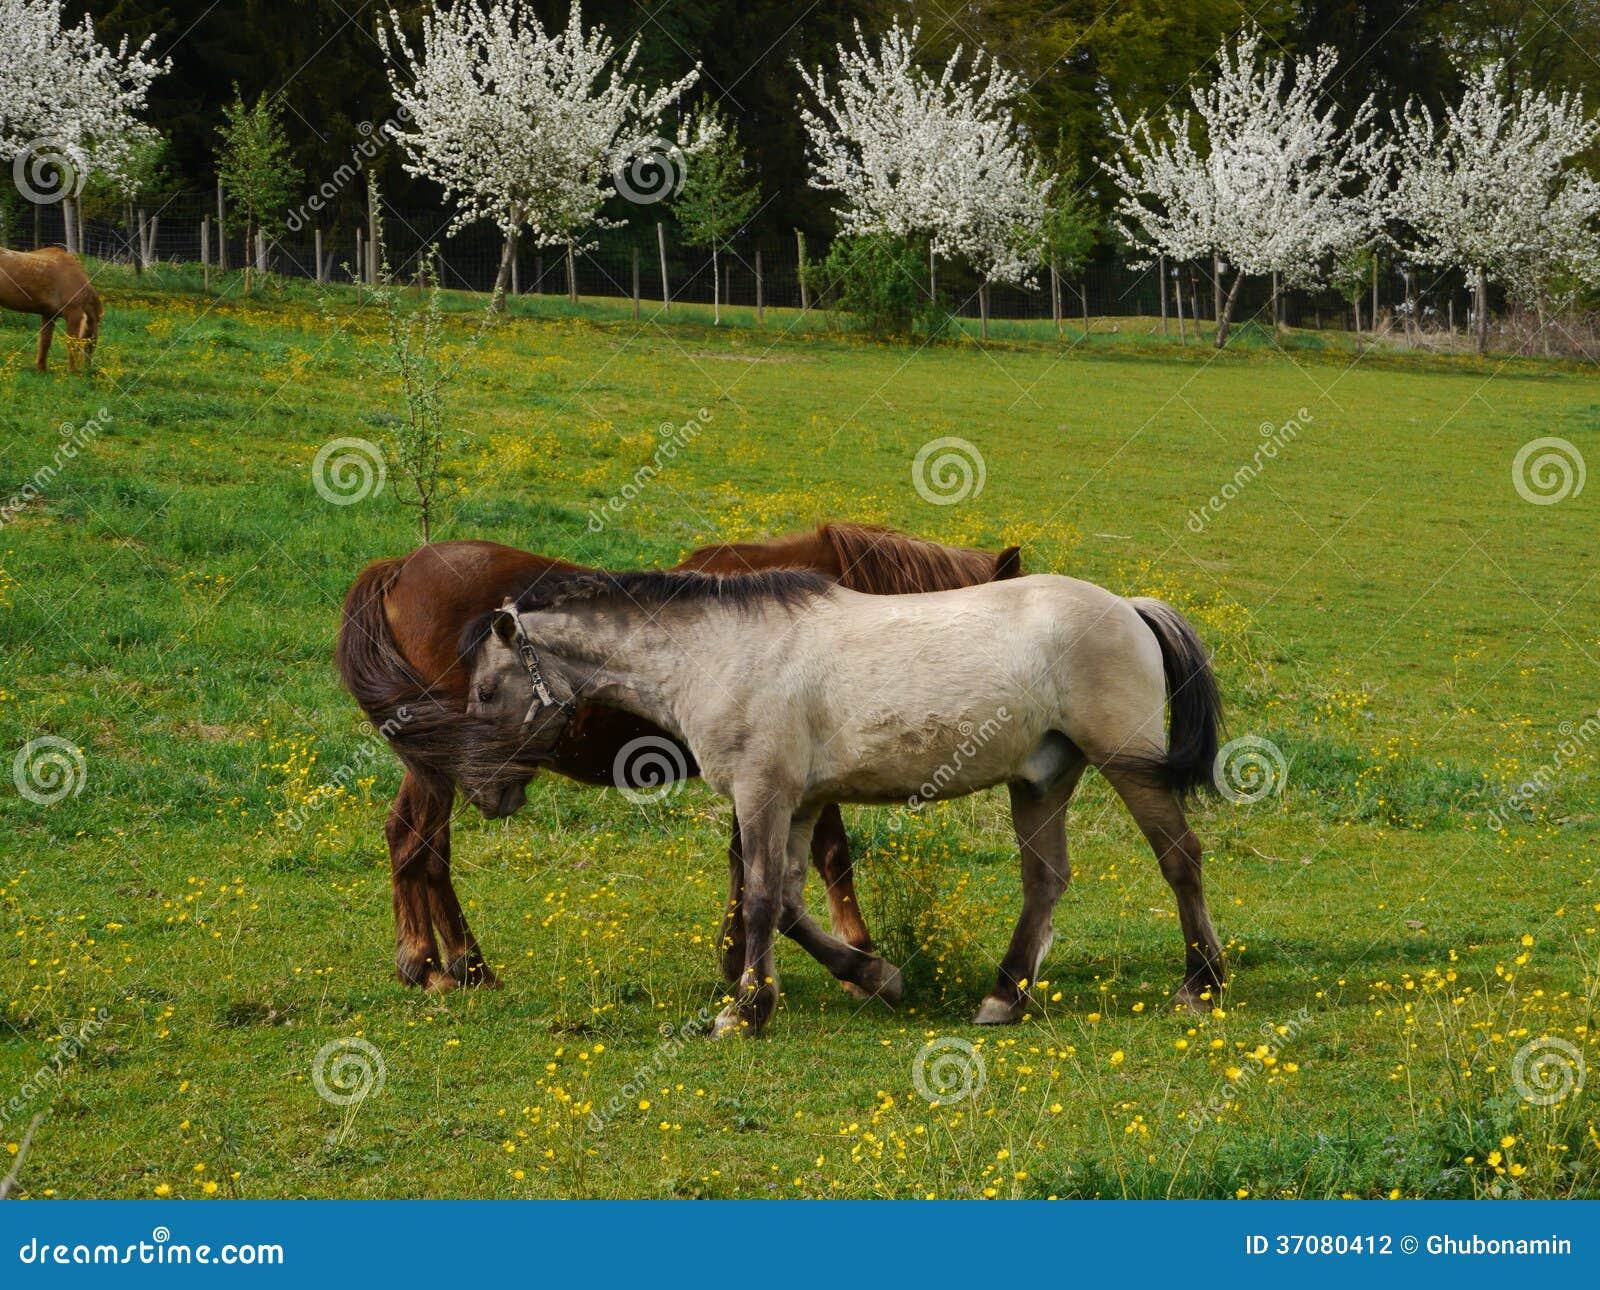 Download Koń na prerii zdjęcie stock. Obraz złożonej z błękitny - 37080412